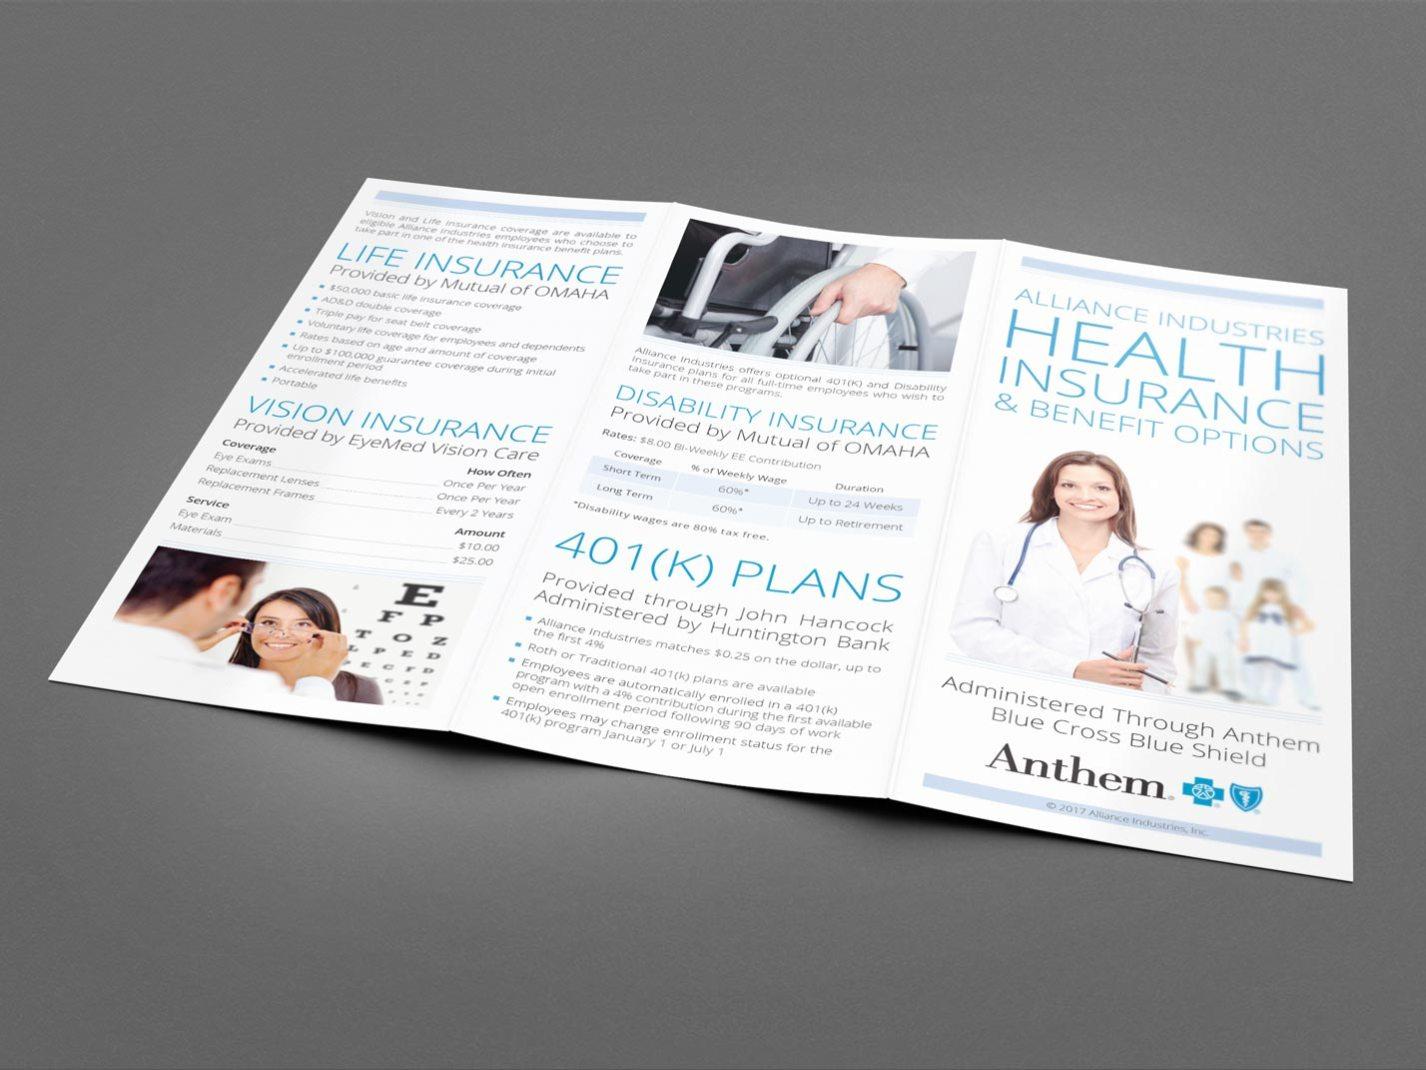 Alliance Industries Benefits Brochure